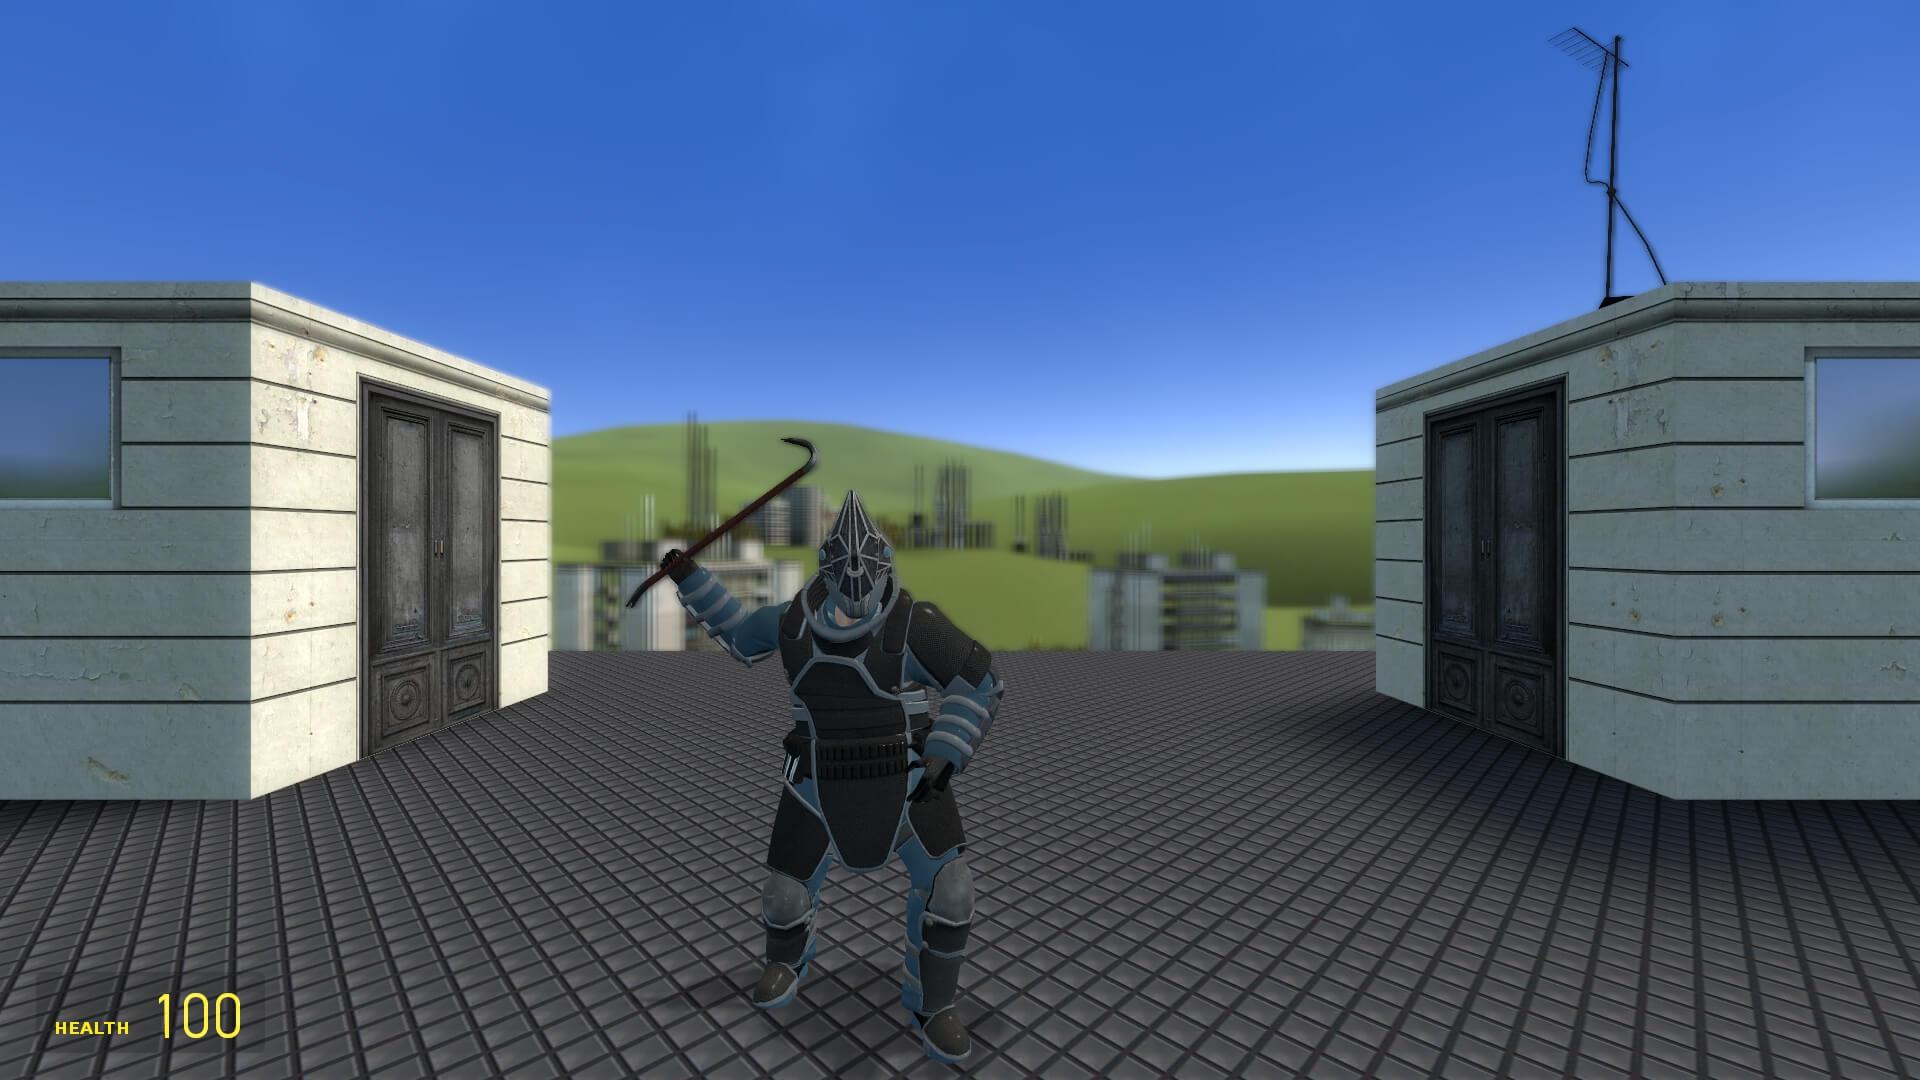 Garry's Mod 13 - Juggernaut из GTA Online (игровая модель, рэгдолл и NPC)